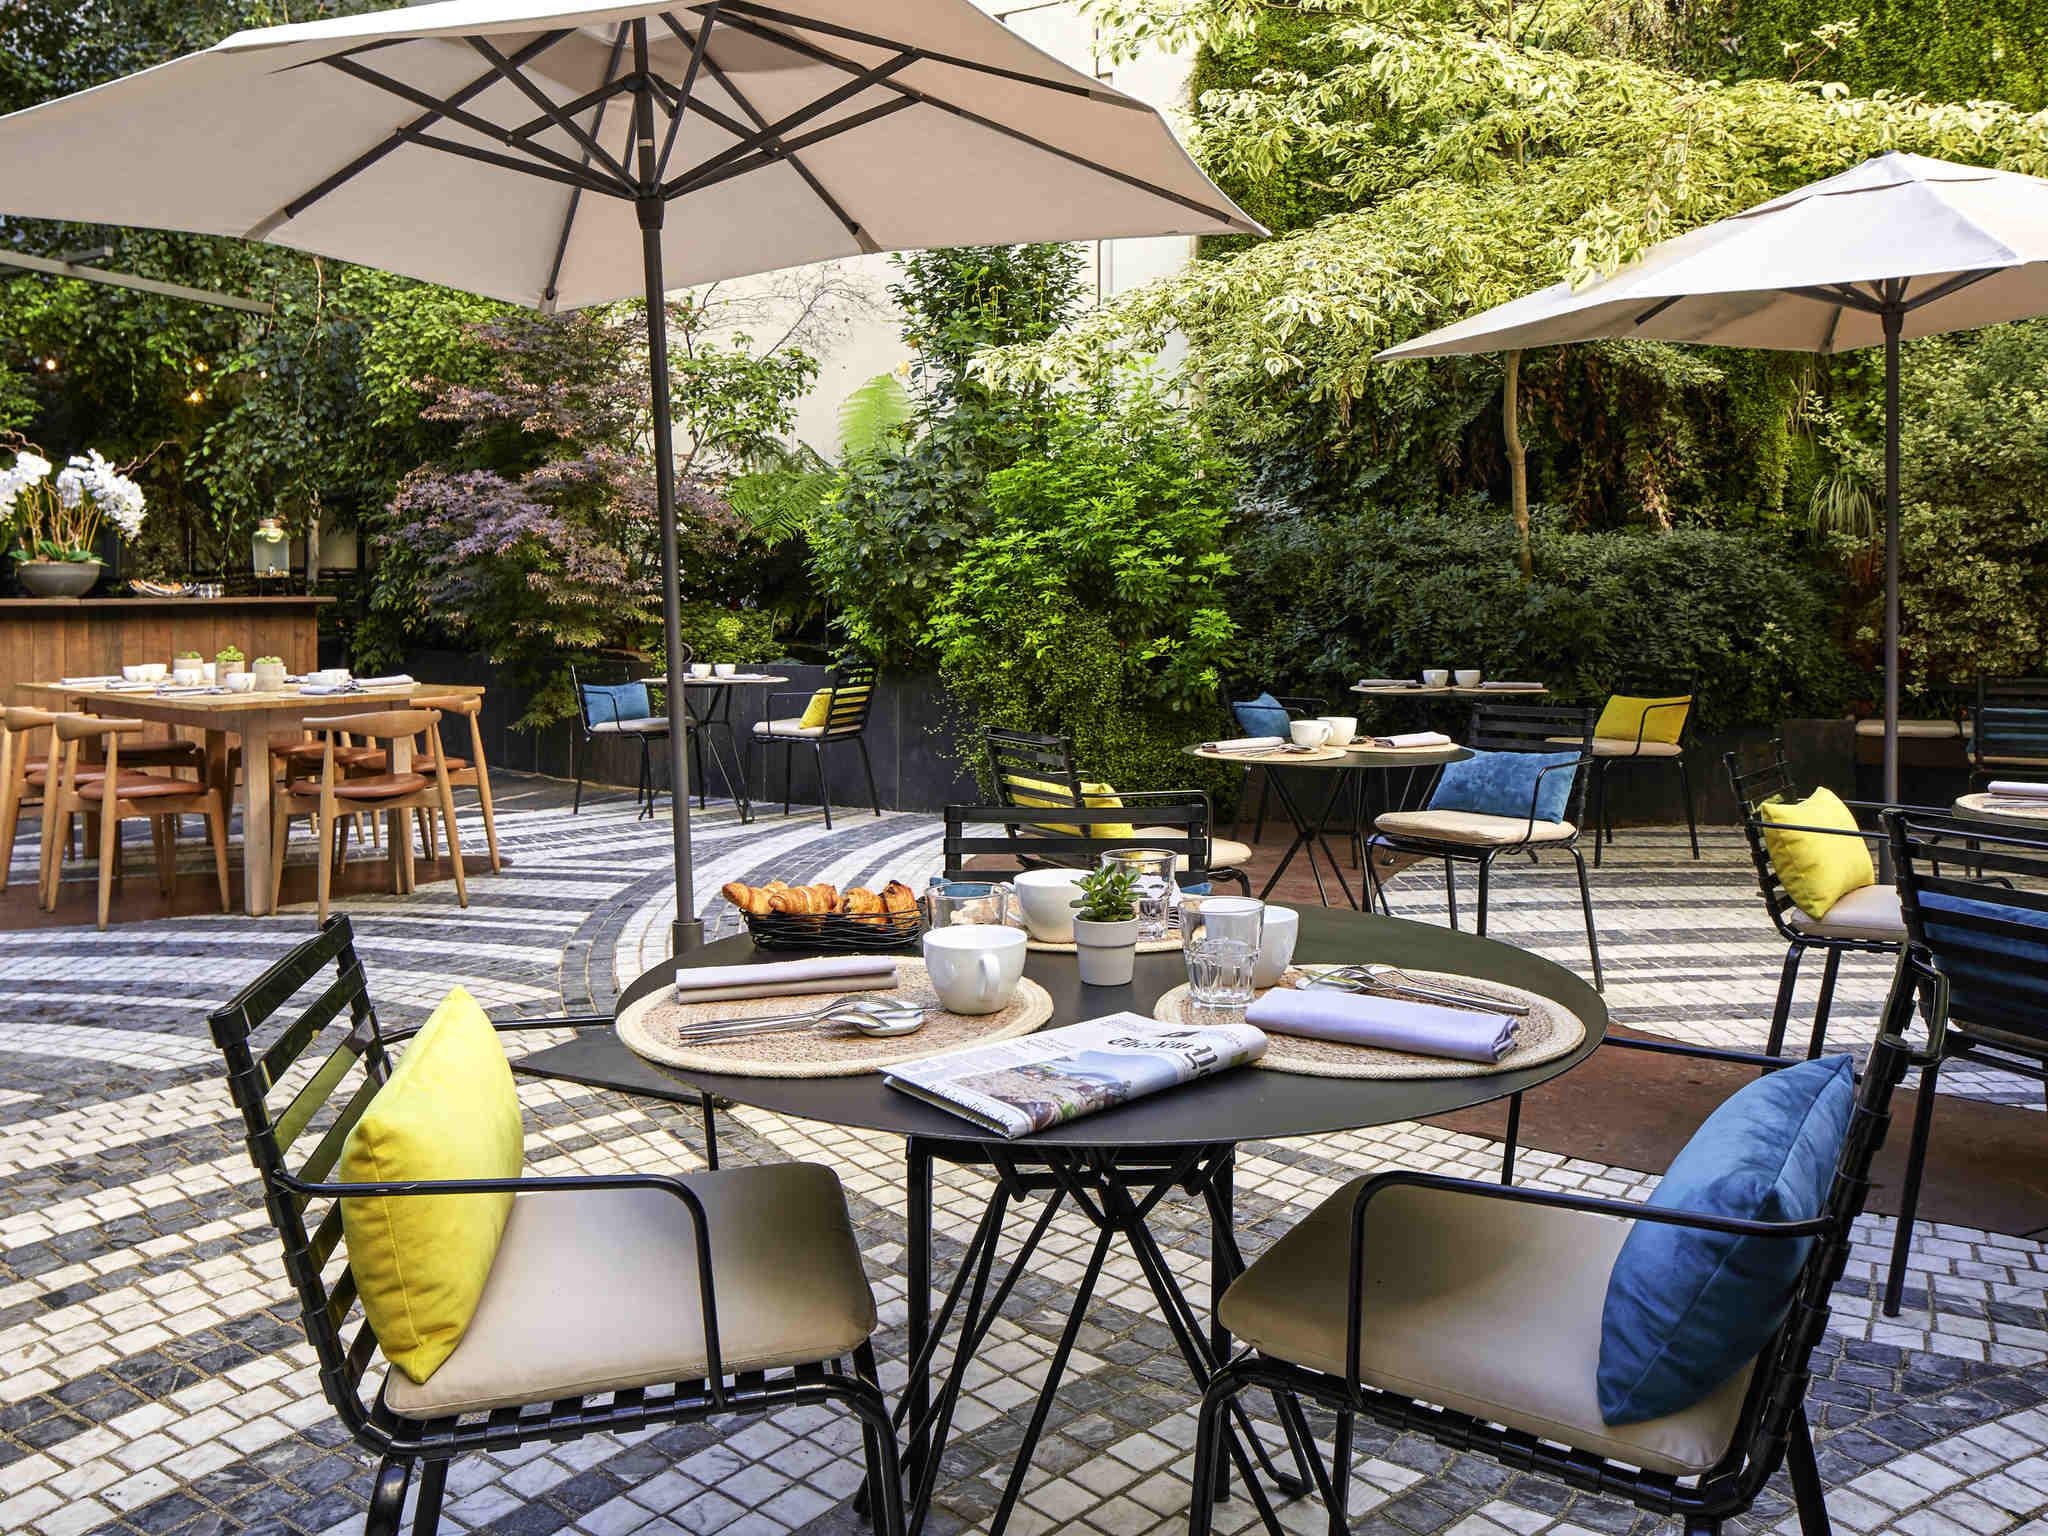 Hotel In Paris - Novotel Paris Les Halles - All à Table De Jardin Super U